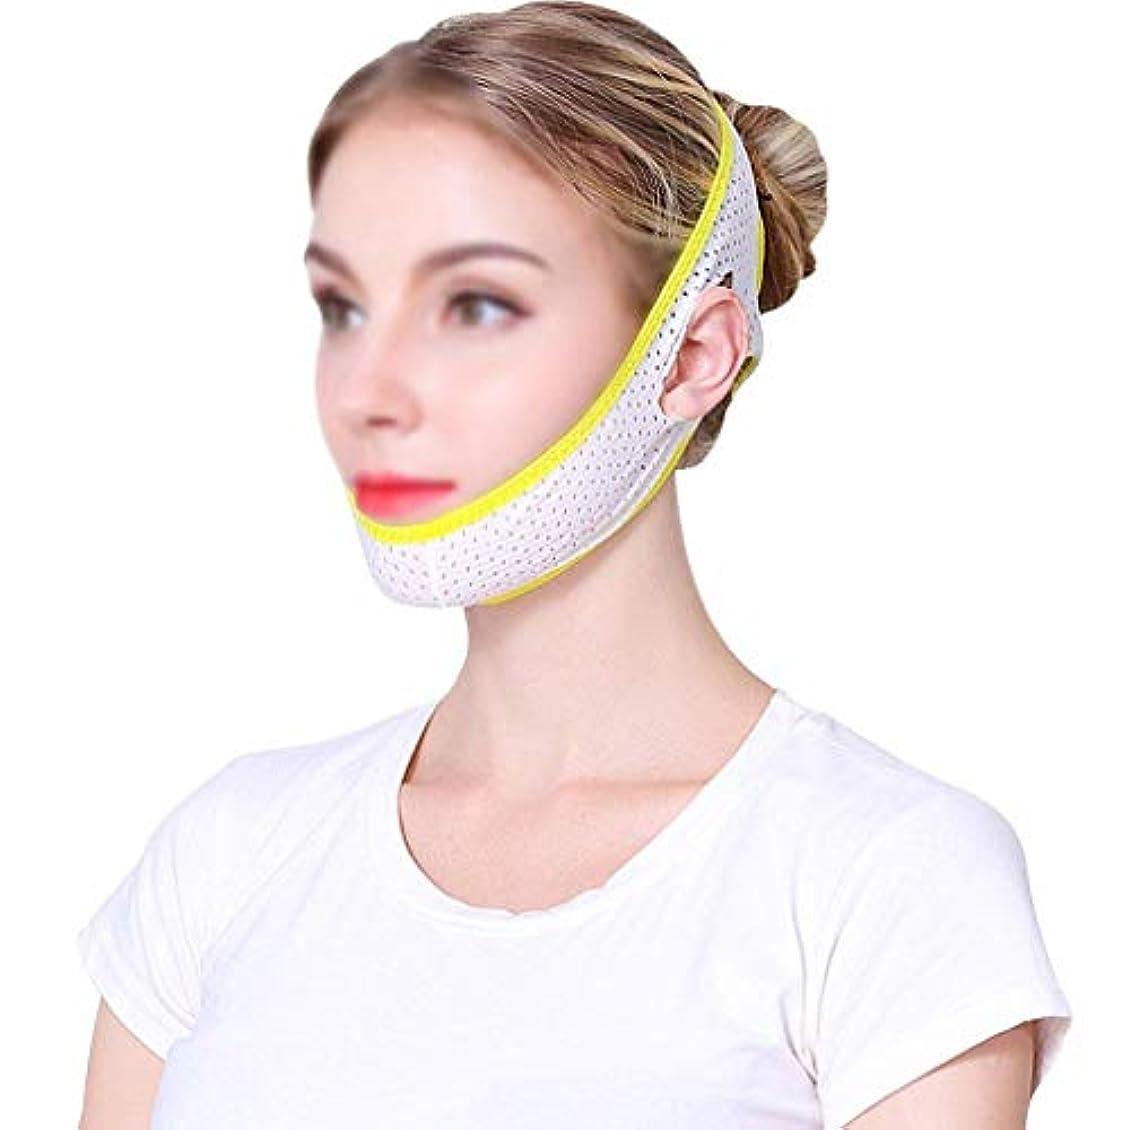 ホイッスル細菌静めるマスク、包帯、整形外科の夏の通気性の薄いセクション二重あごひものVの表面の薄いフェイスマスクを持ち上げて下さい